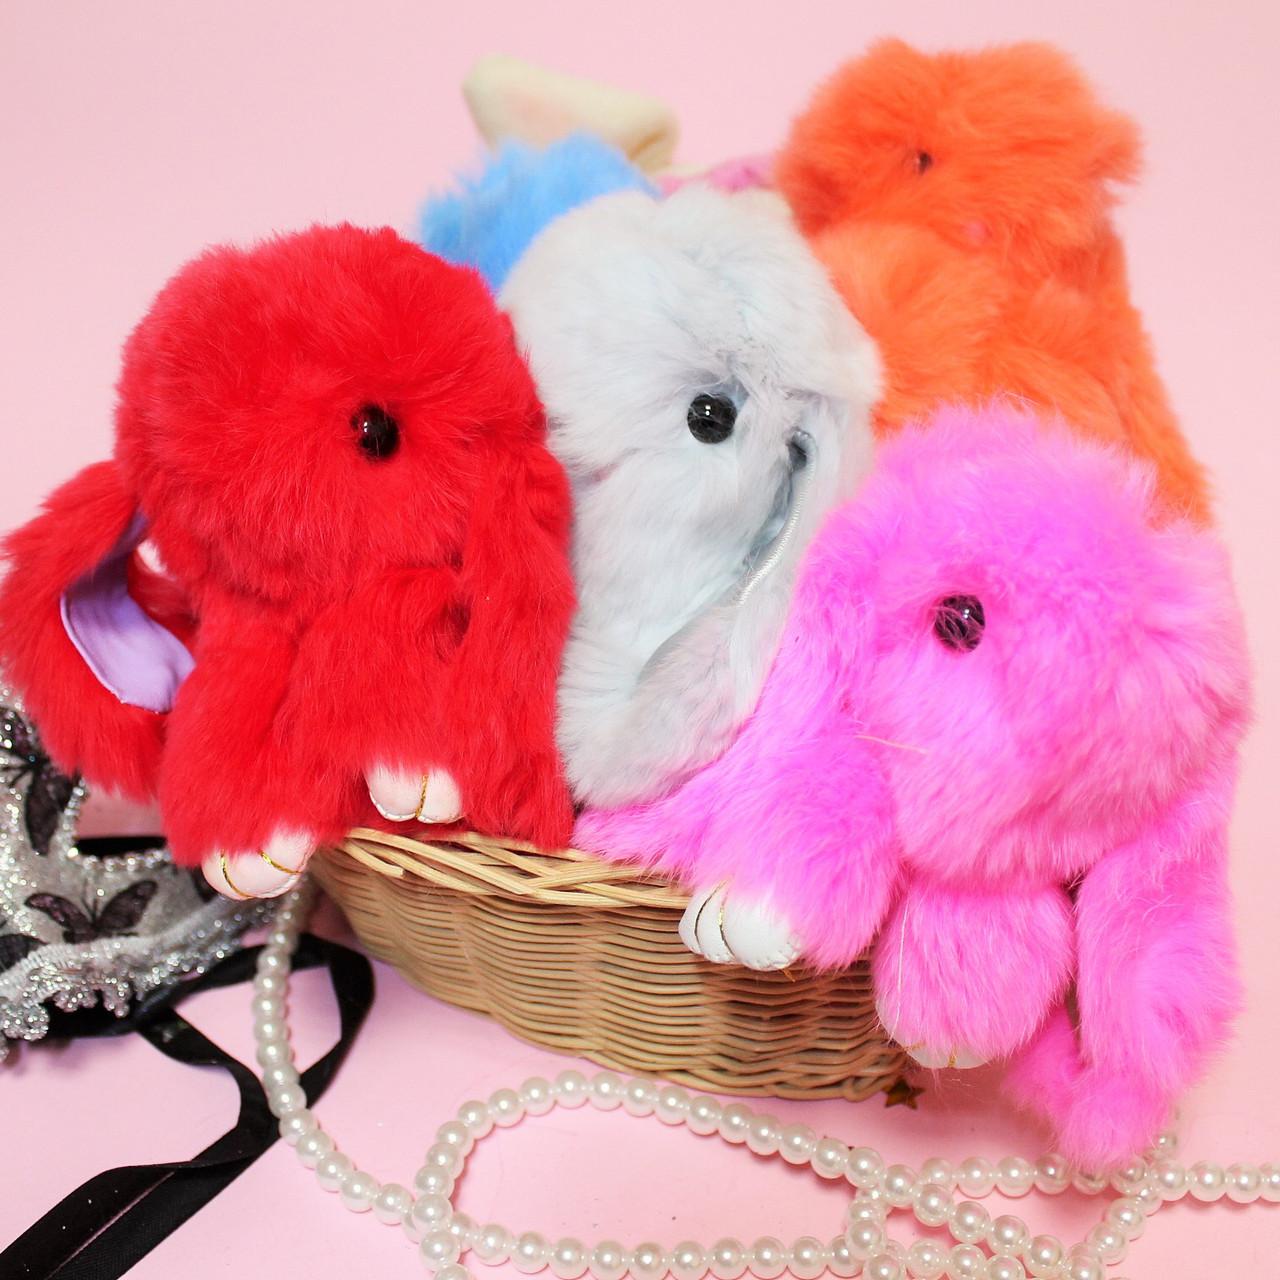 fad101f100cc Меховые брелки Кролики на сумку/рюкзак/ ключи - Style-Baby детский магазин в